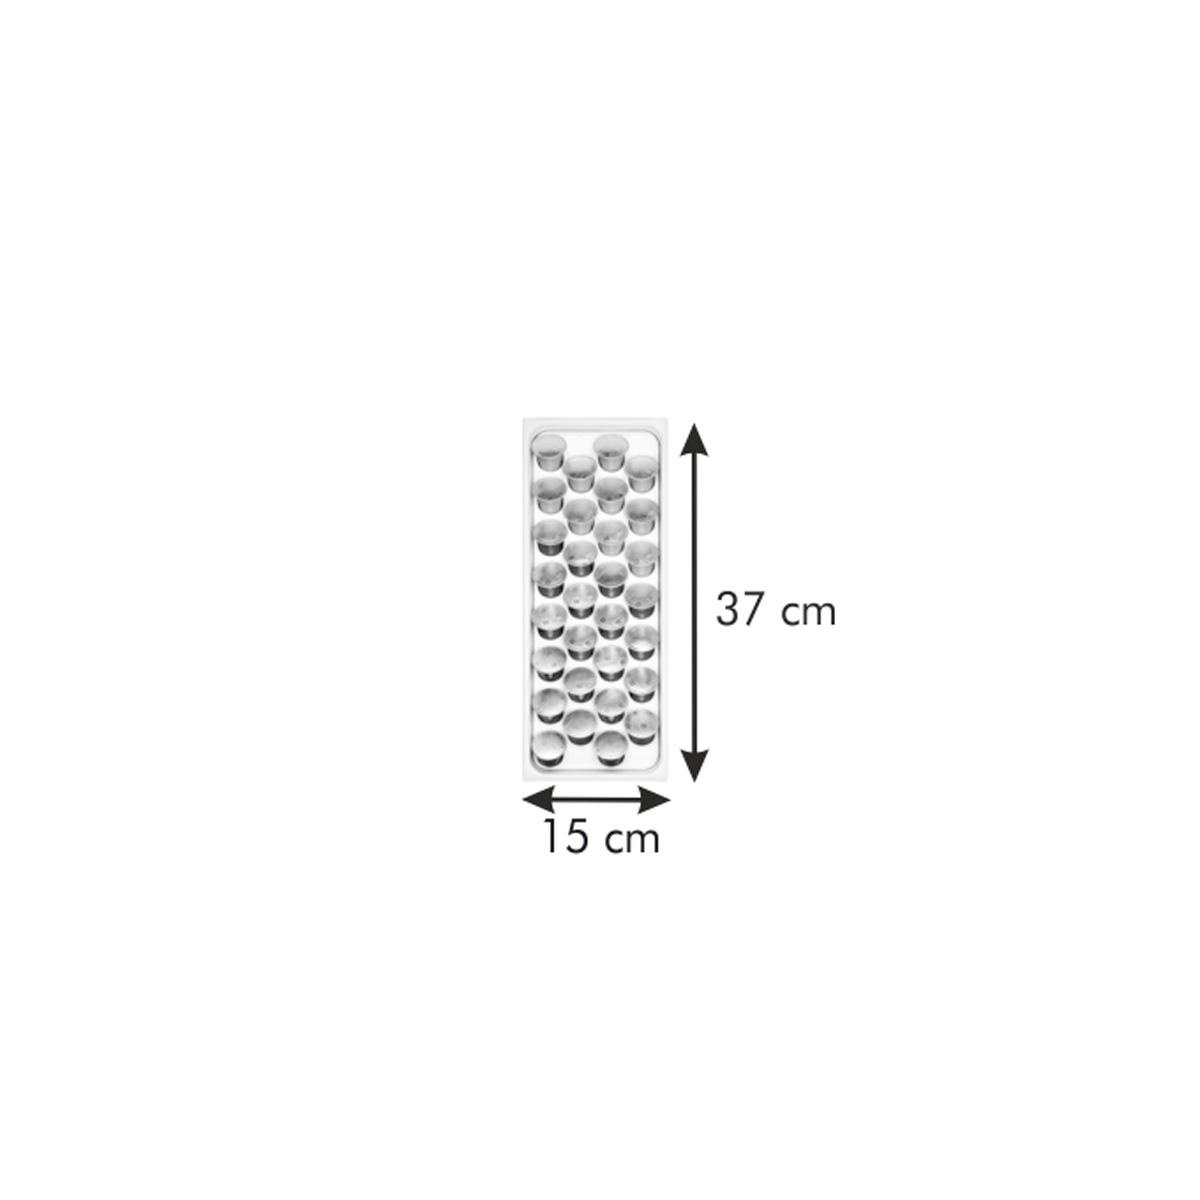 Zásobník na Nespresso kapsle FlexiSPACE 370x148 mm